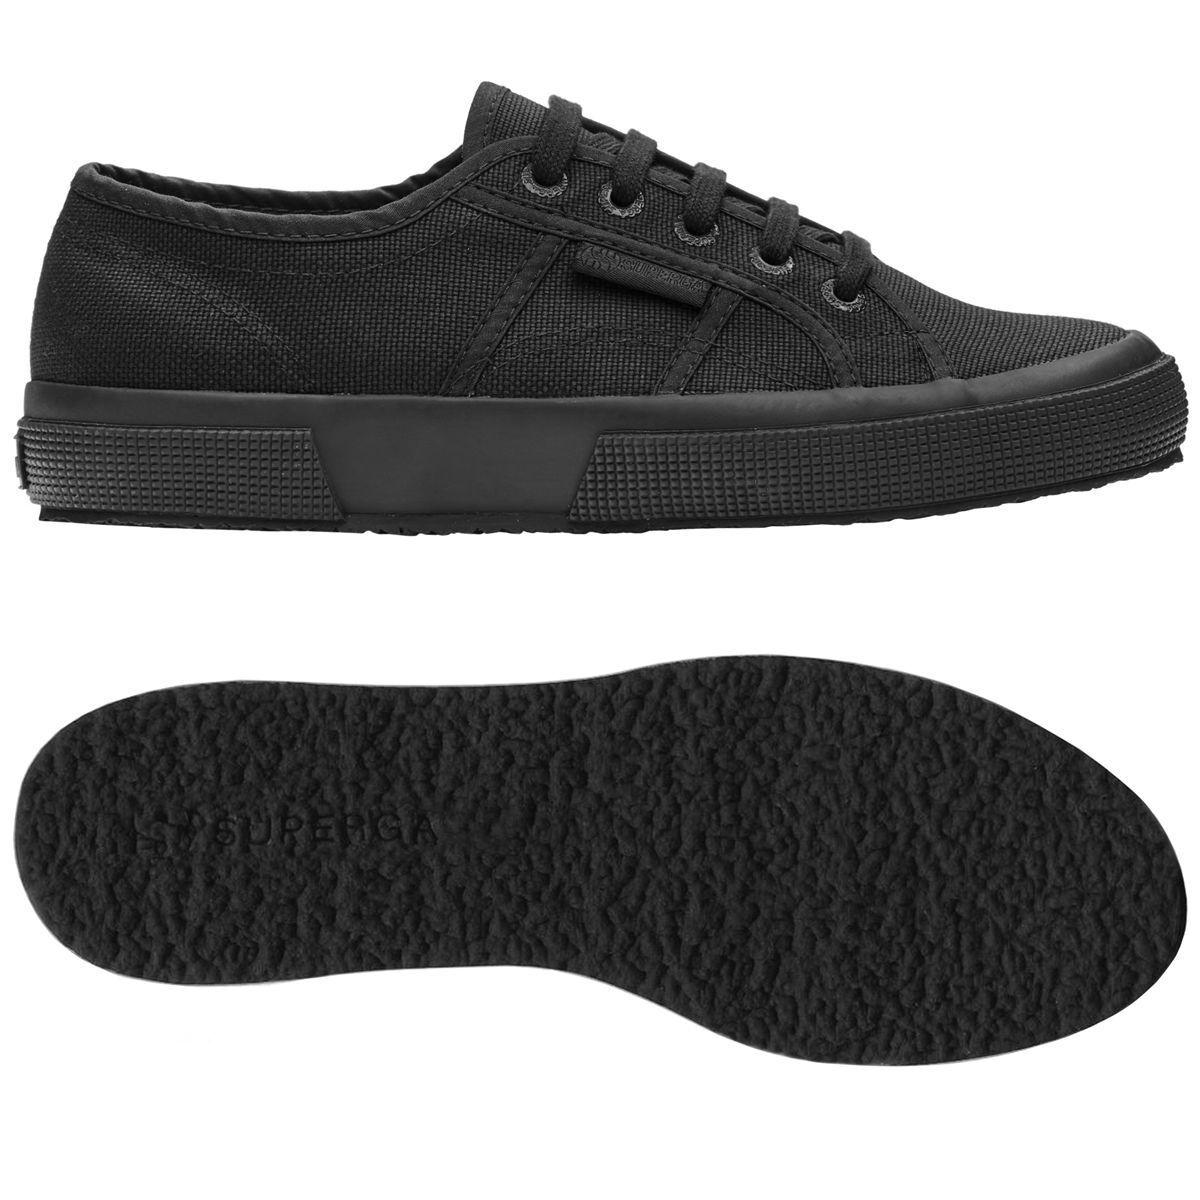 Chaussures Superga Homme - 2750 Cotu Classique Toile - Total Noir - 2750